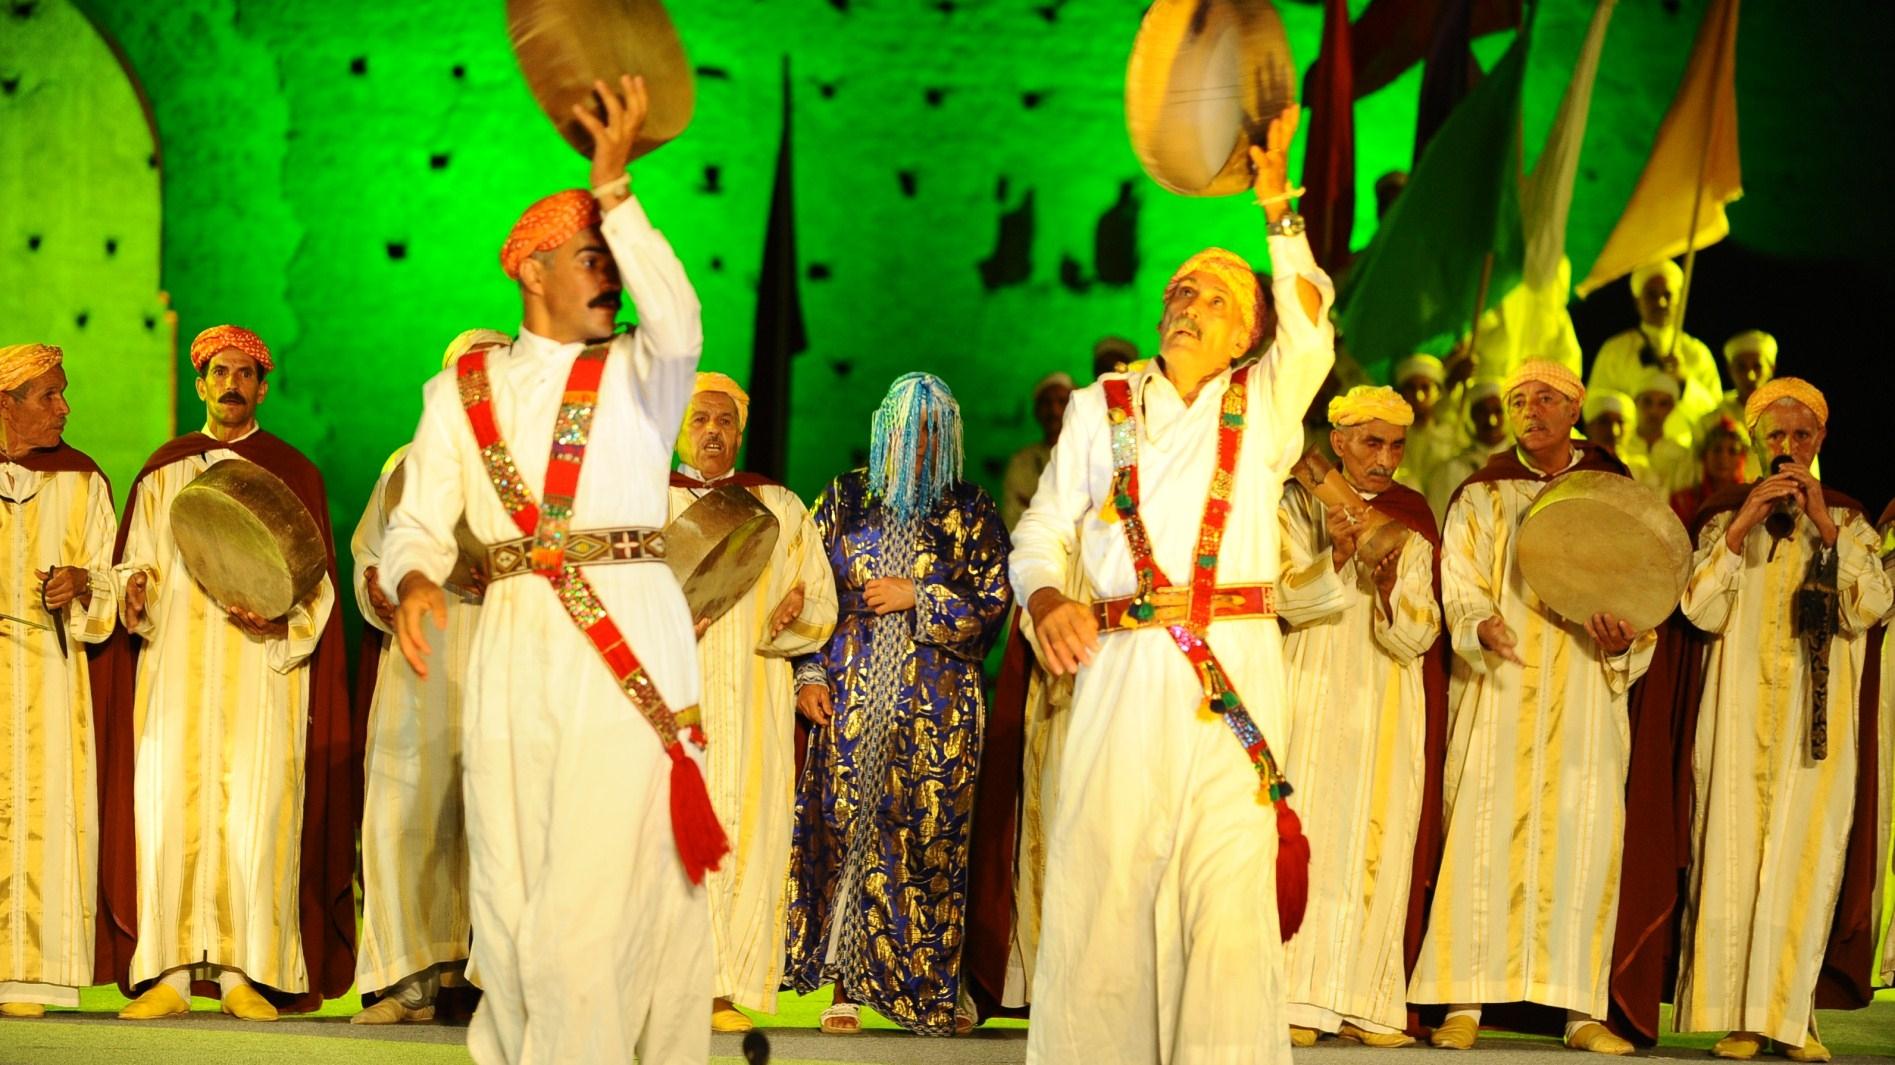 Festival national des arts populaires aux sources des for Arts populaires